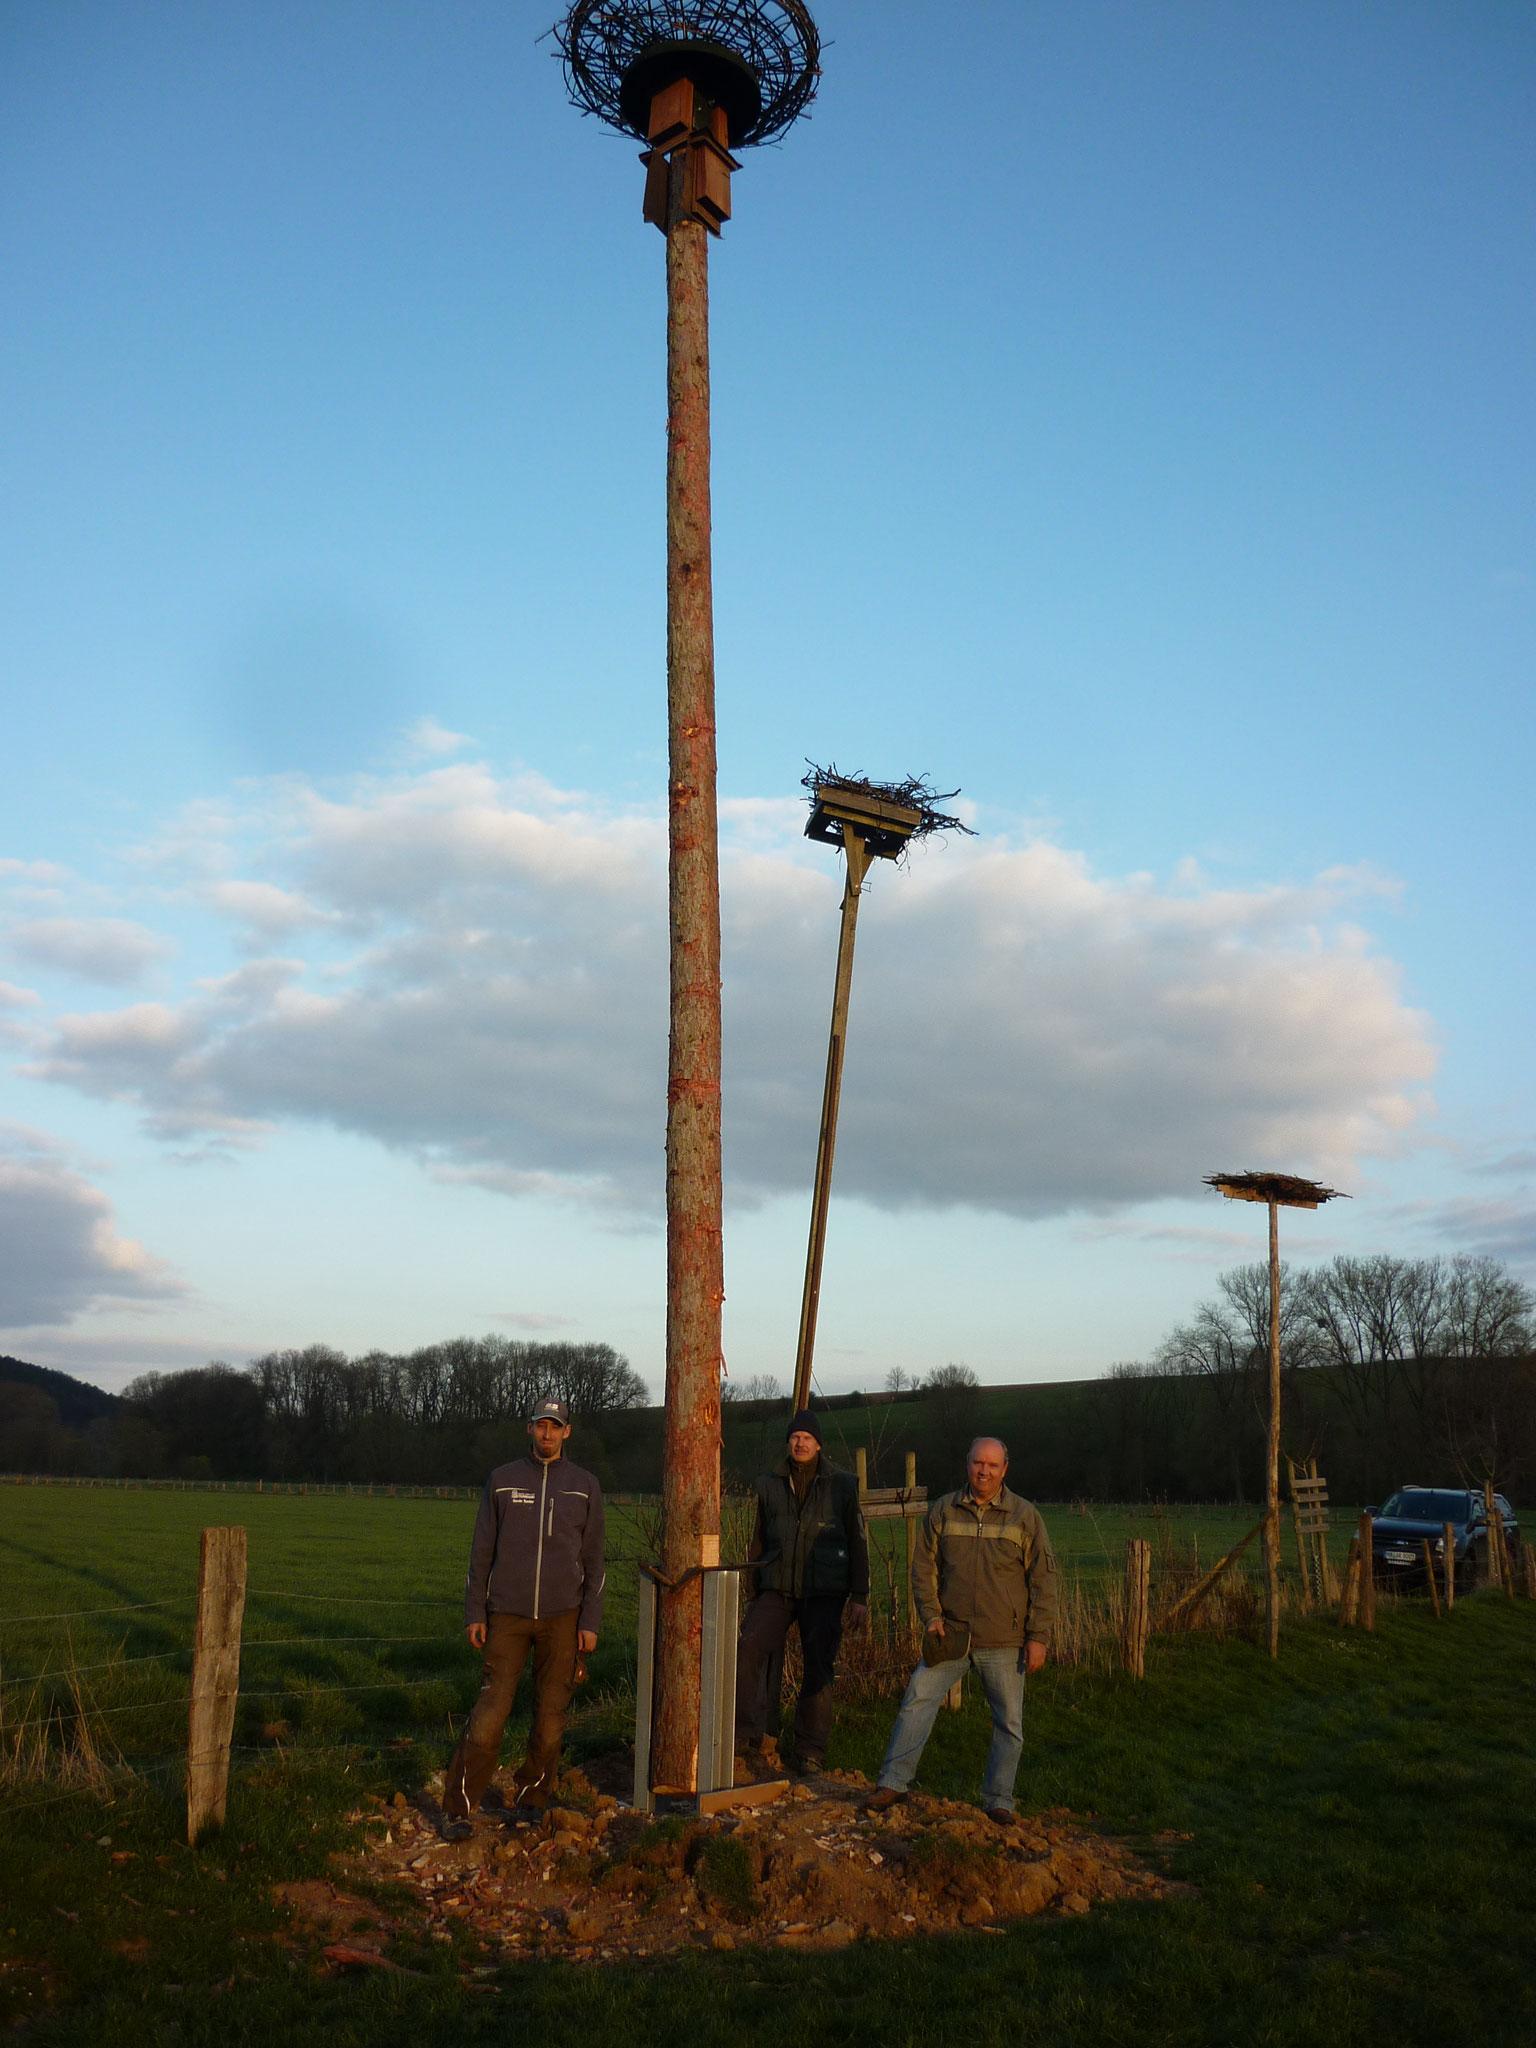 Der 9 Meter hohe Mast steht und das Nest wartet auf ein neues Storchenpaar.